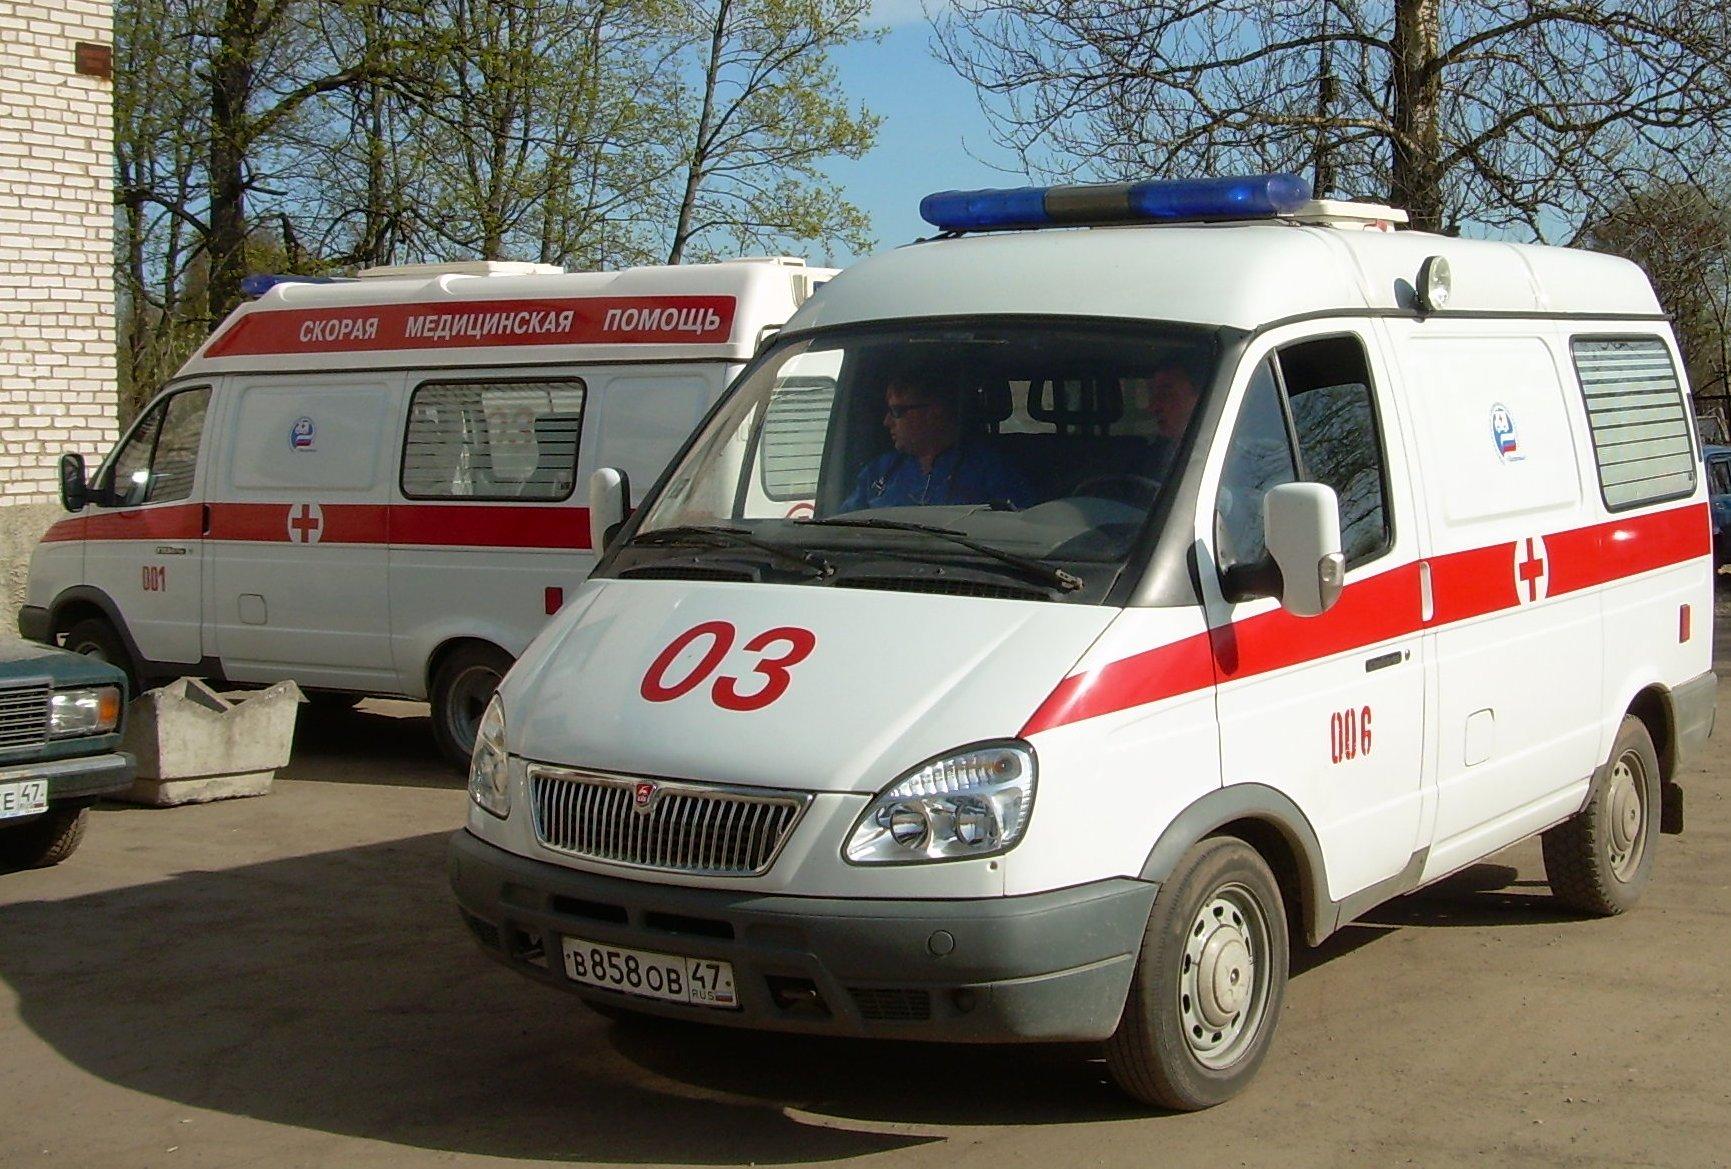 В Полтавской больнице умерла 19-летняя девушка ...: http://job-sbu.org/v-poltavskoy-bolnitse-umerla-19-letnyaya-devushka-uchastvovavshaya-v-konkurse-po-poedaniyu-bananov.html